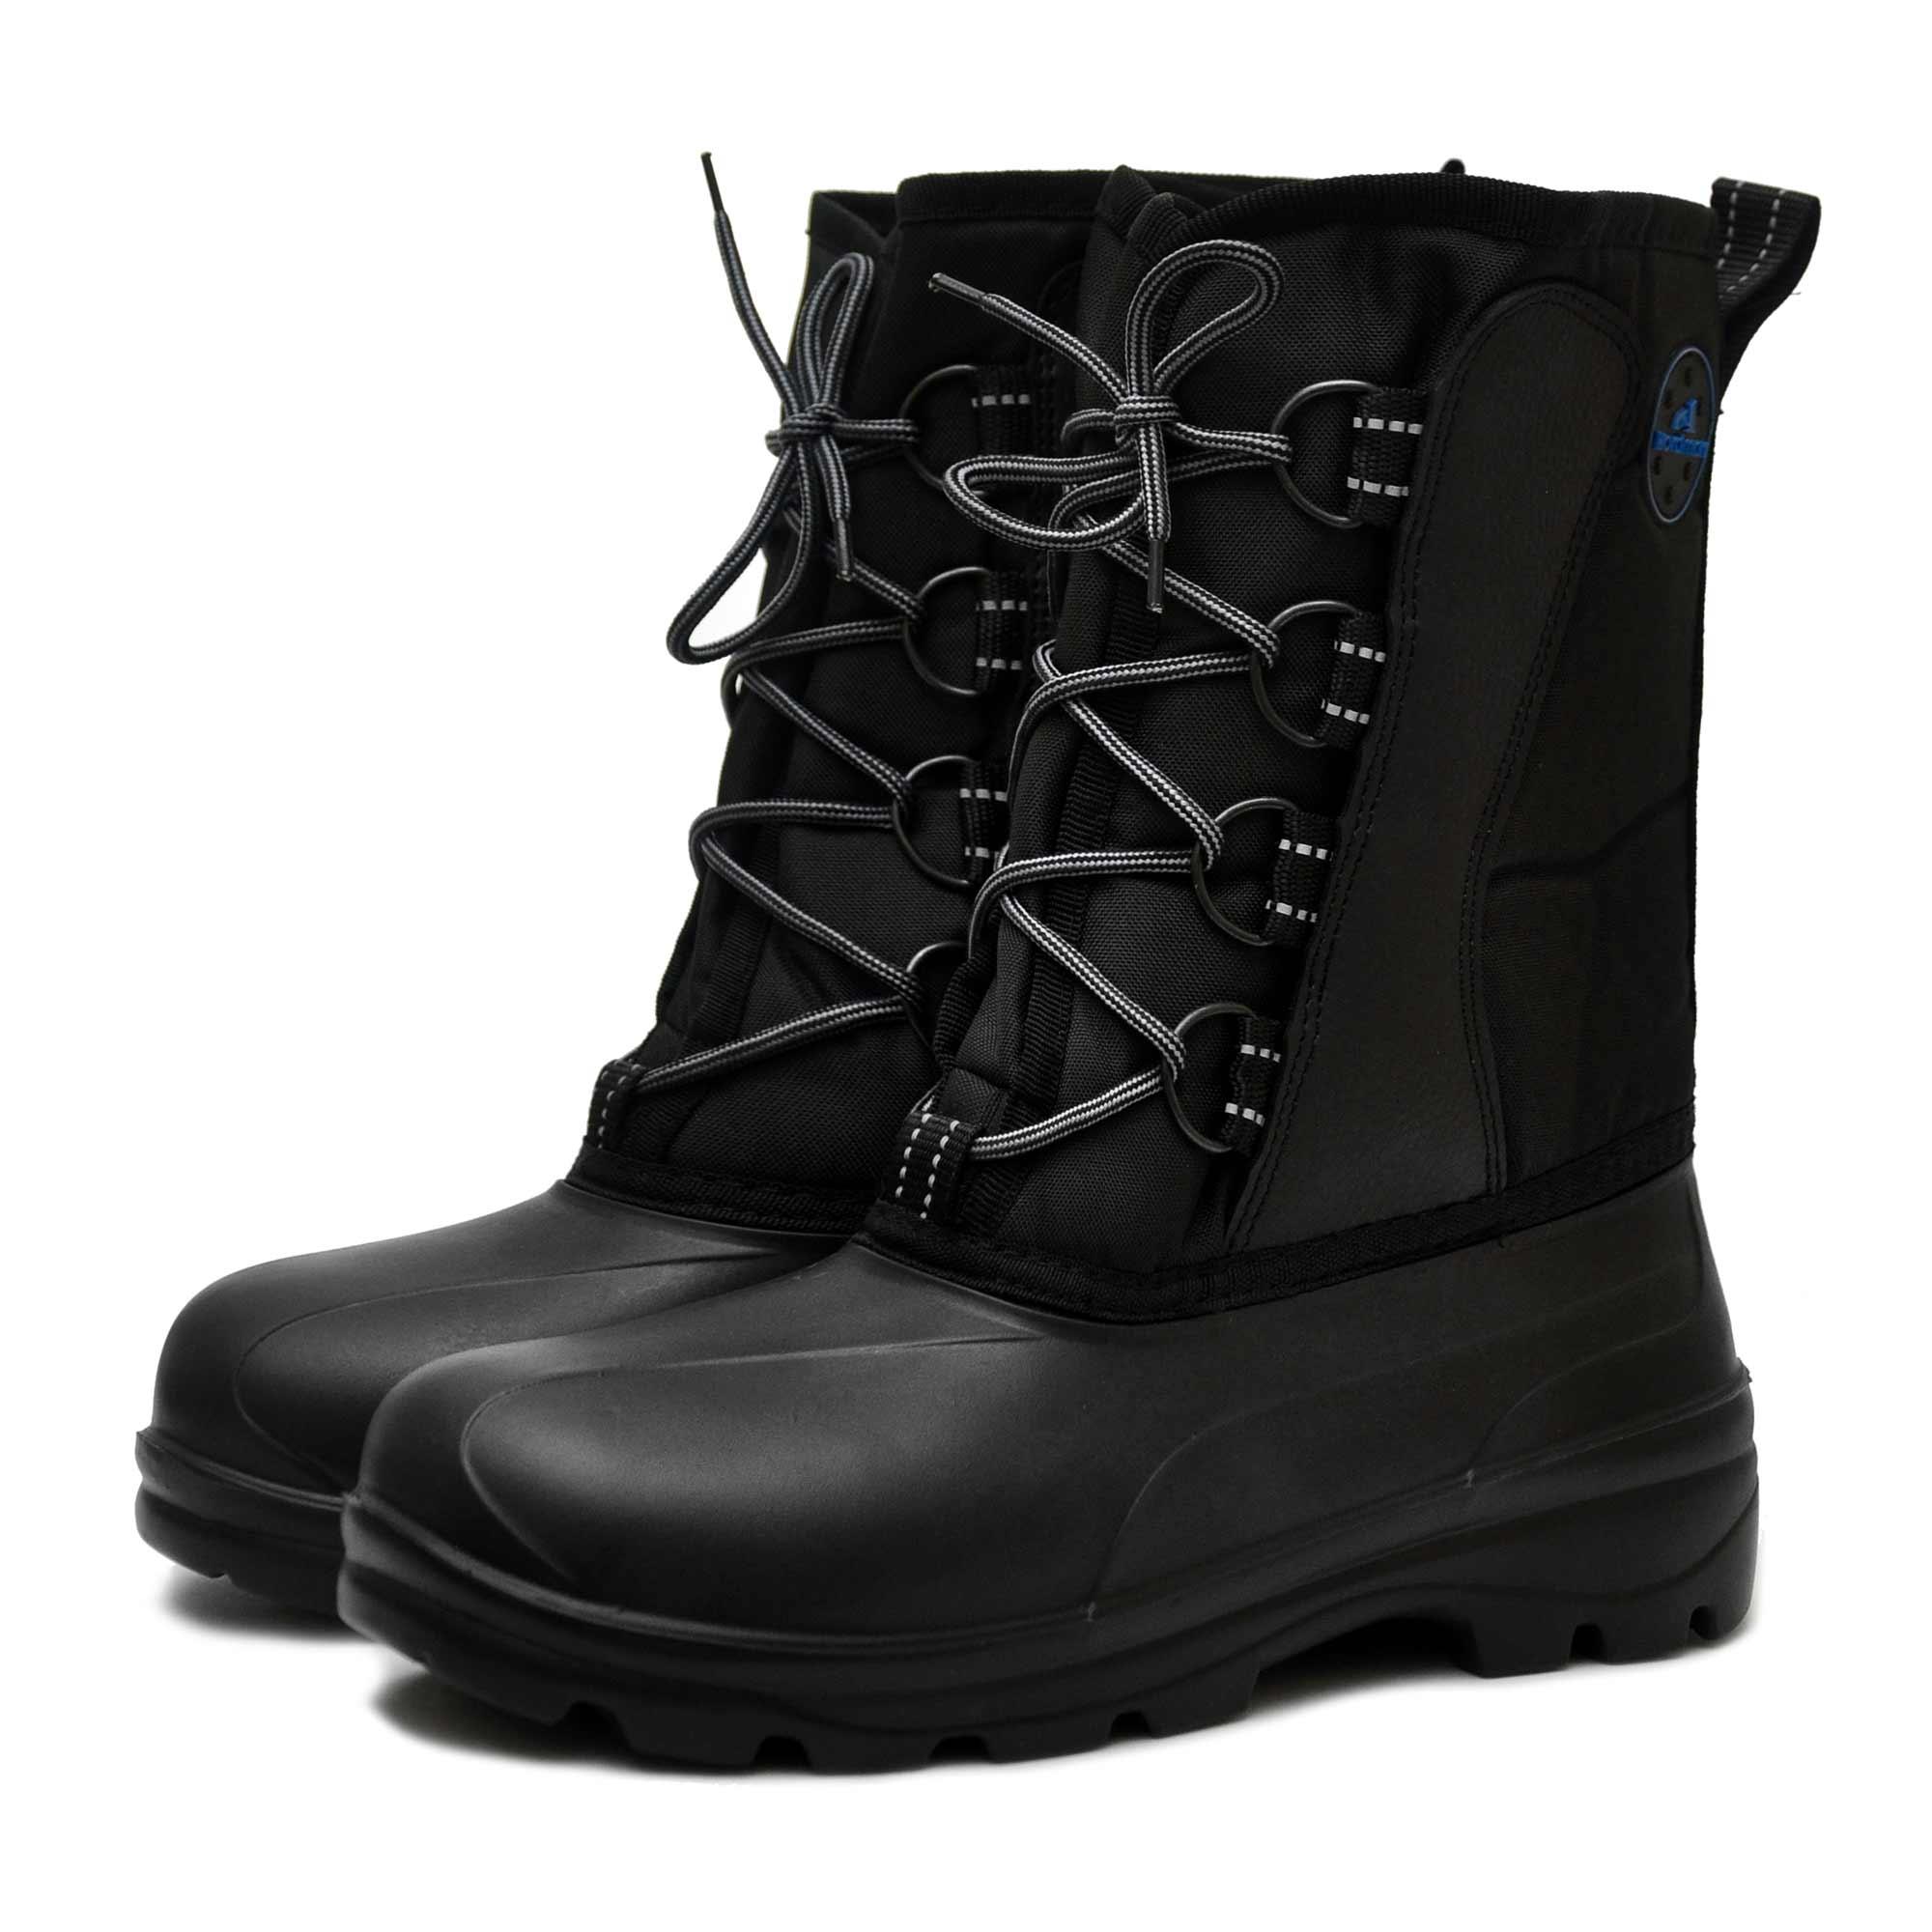 Ботинки для рыбалки Nordman Comfort ПЕ-11 СК8, черные, 46-47 RU